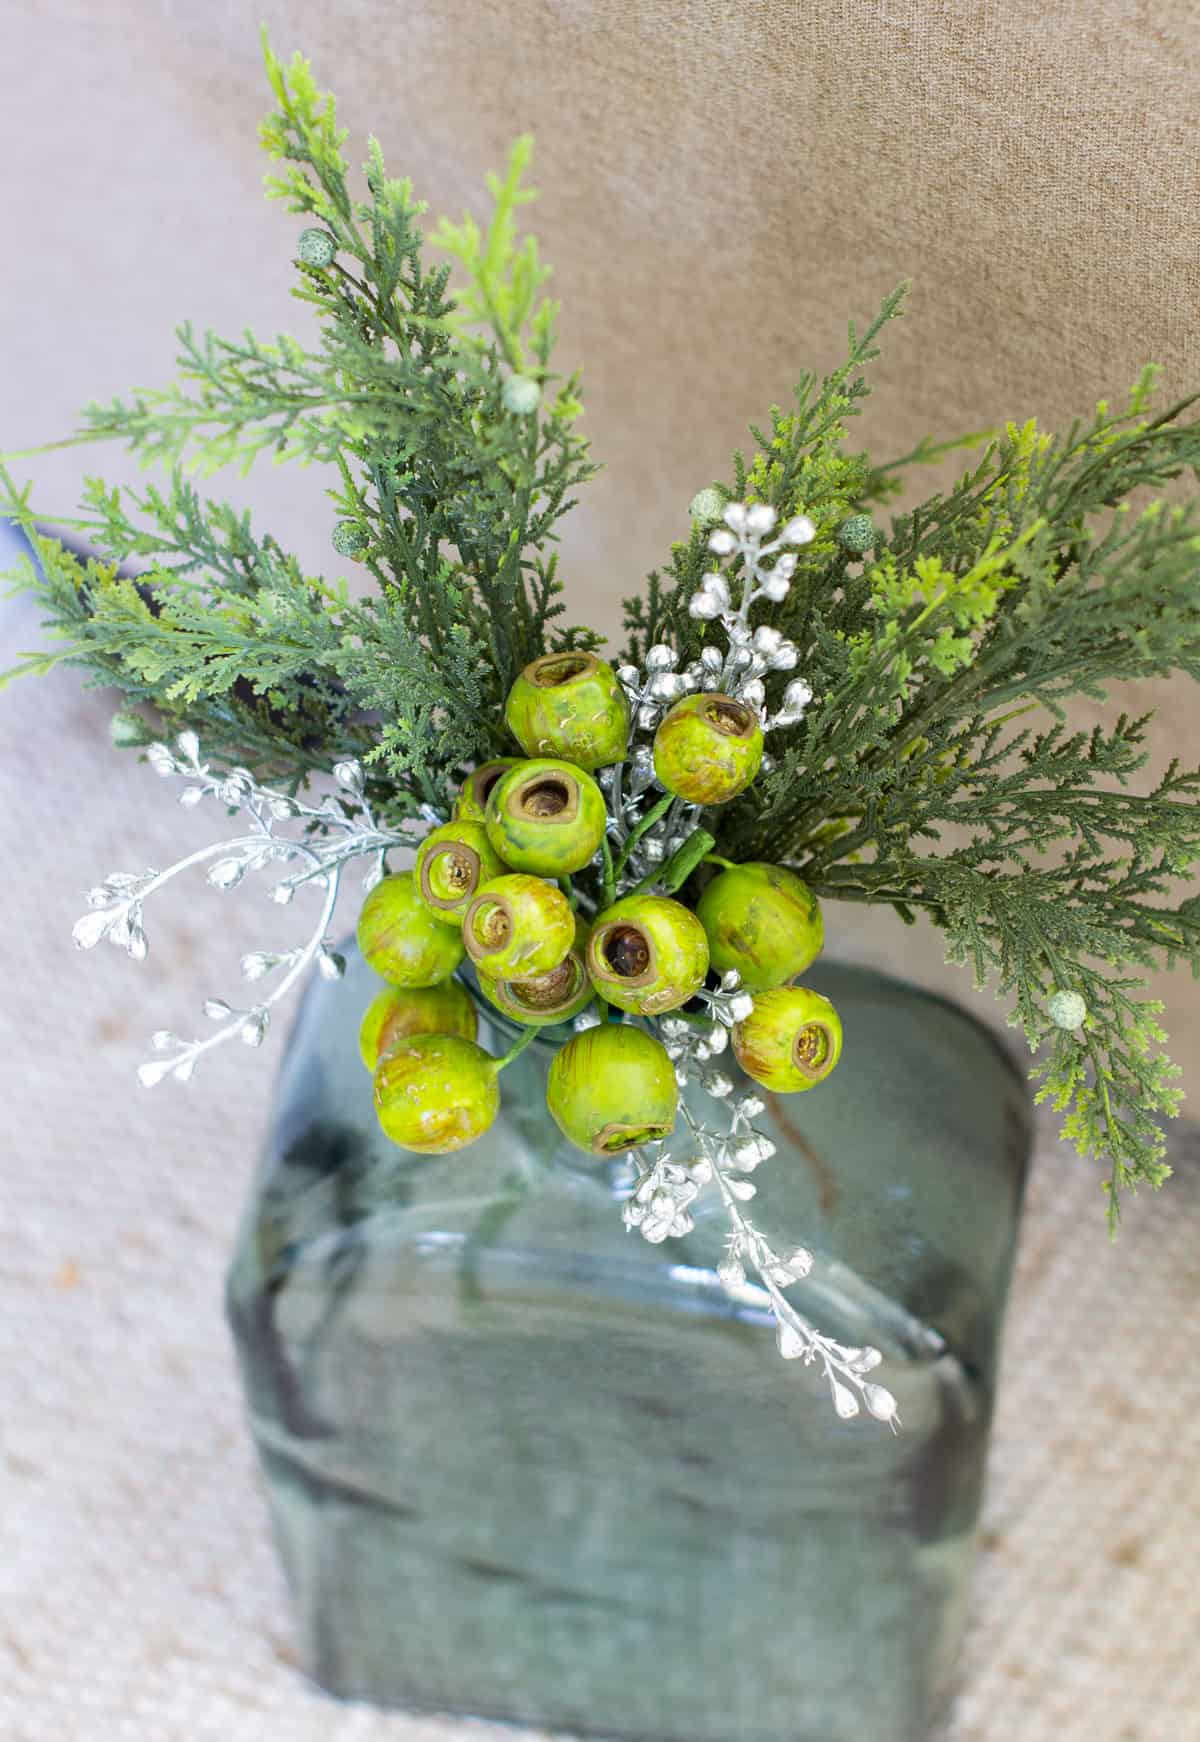 vase with christmas foliage